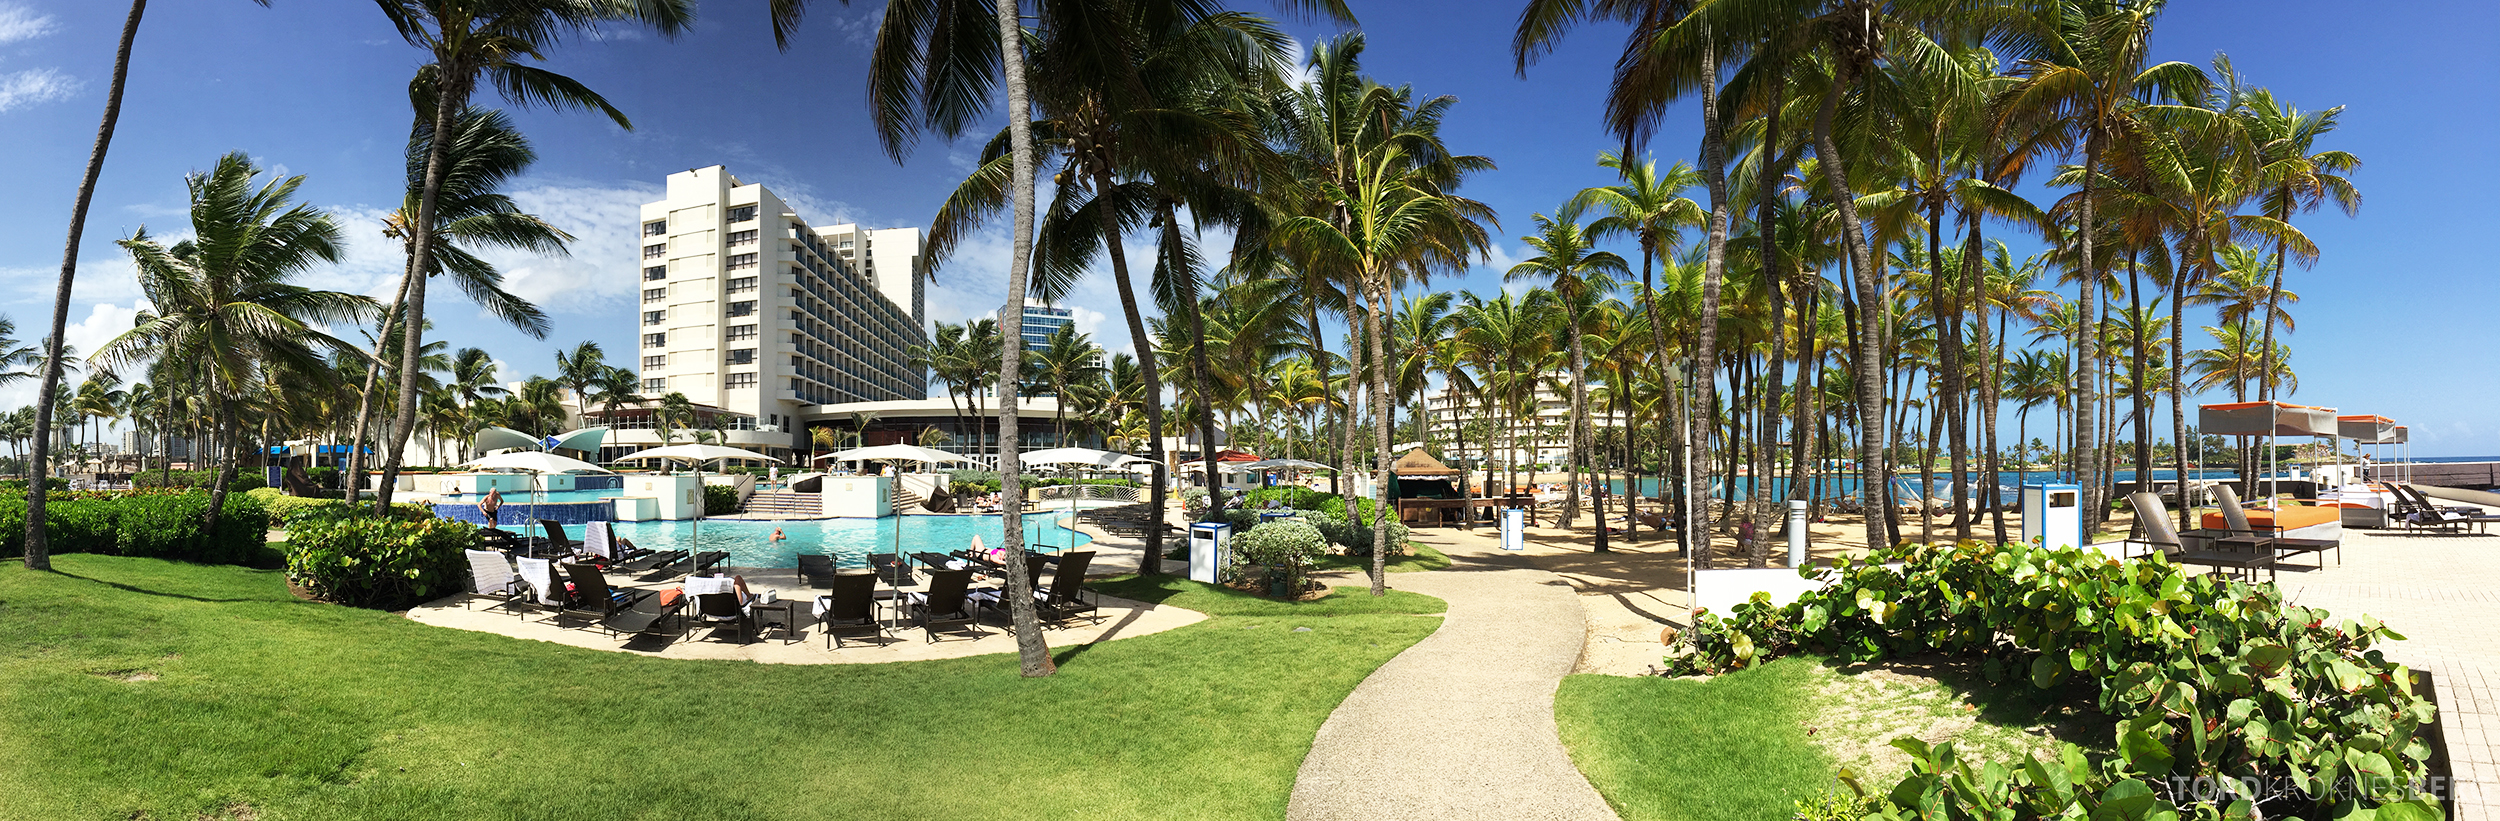 Caribe Hilton utsikt fra havet